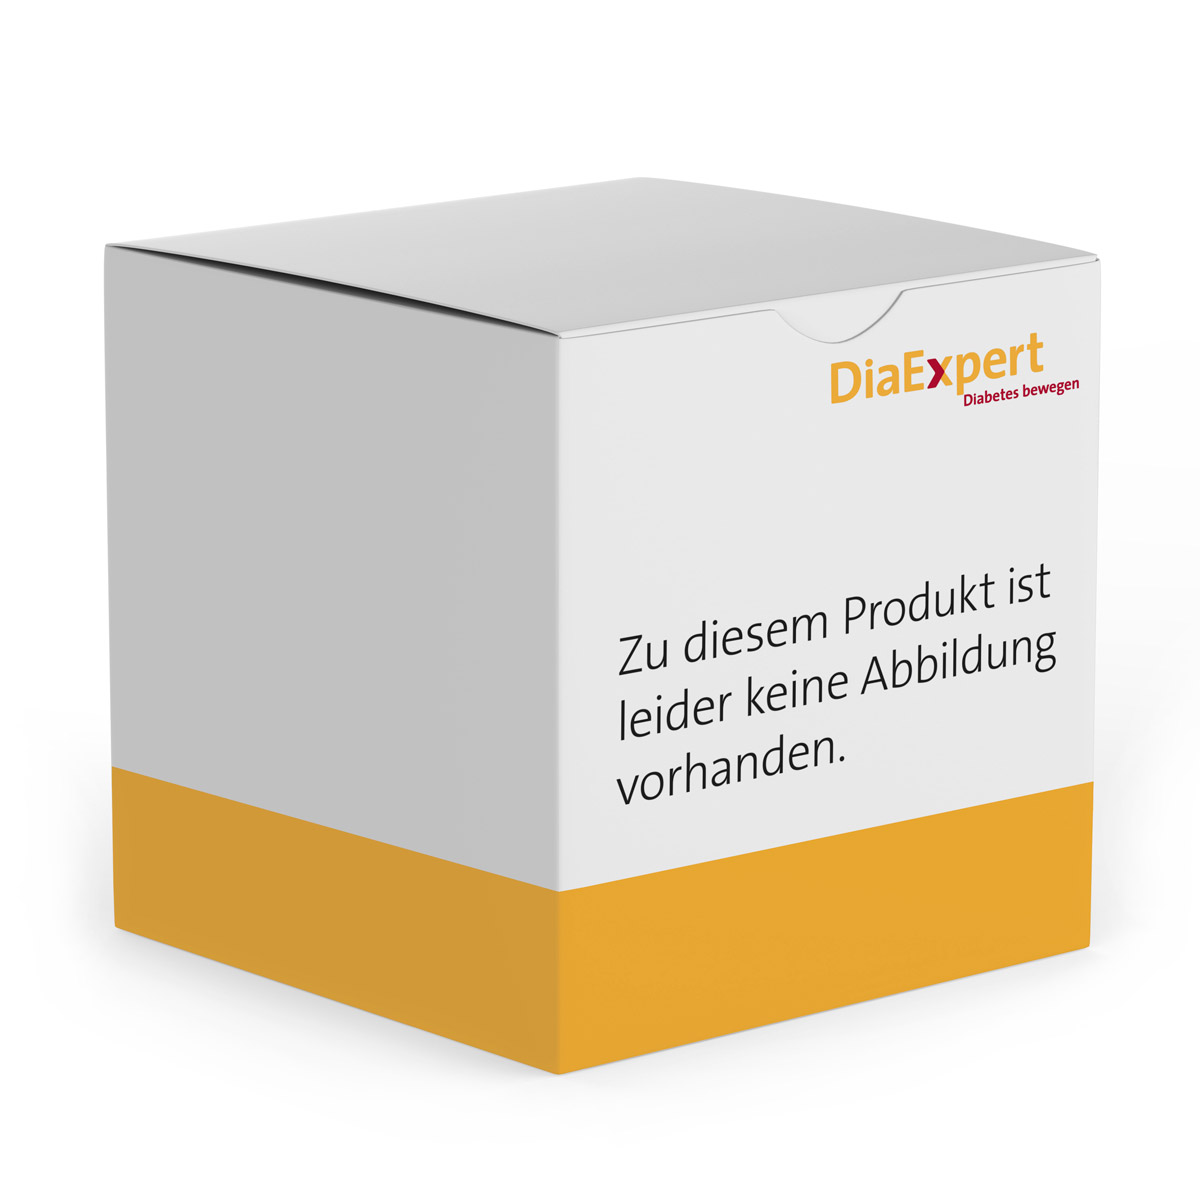 DiaExpert Smartphone-App